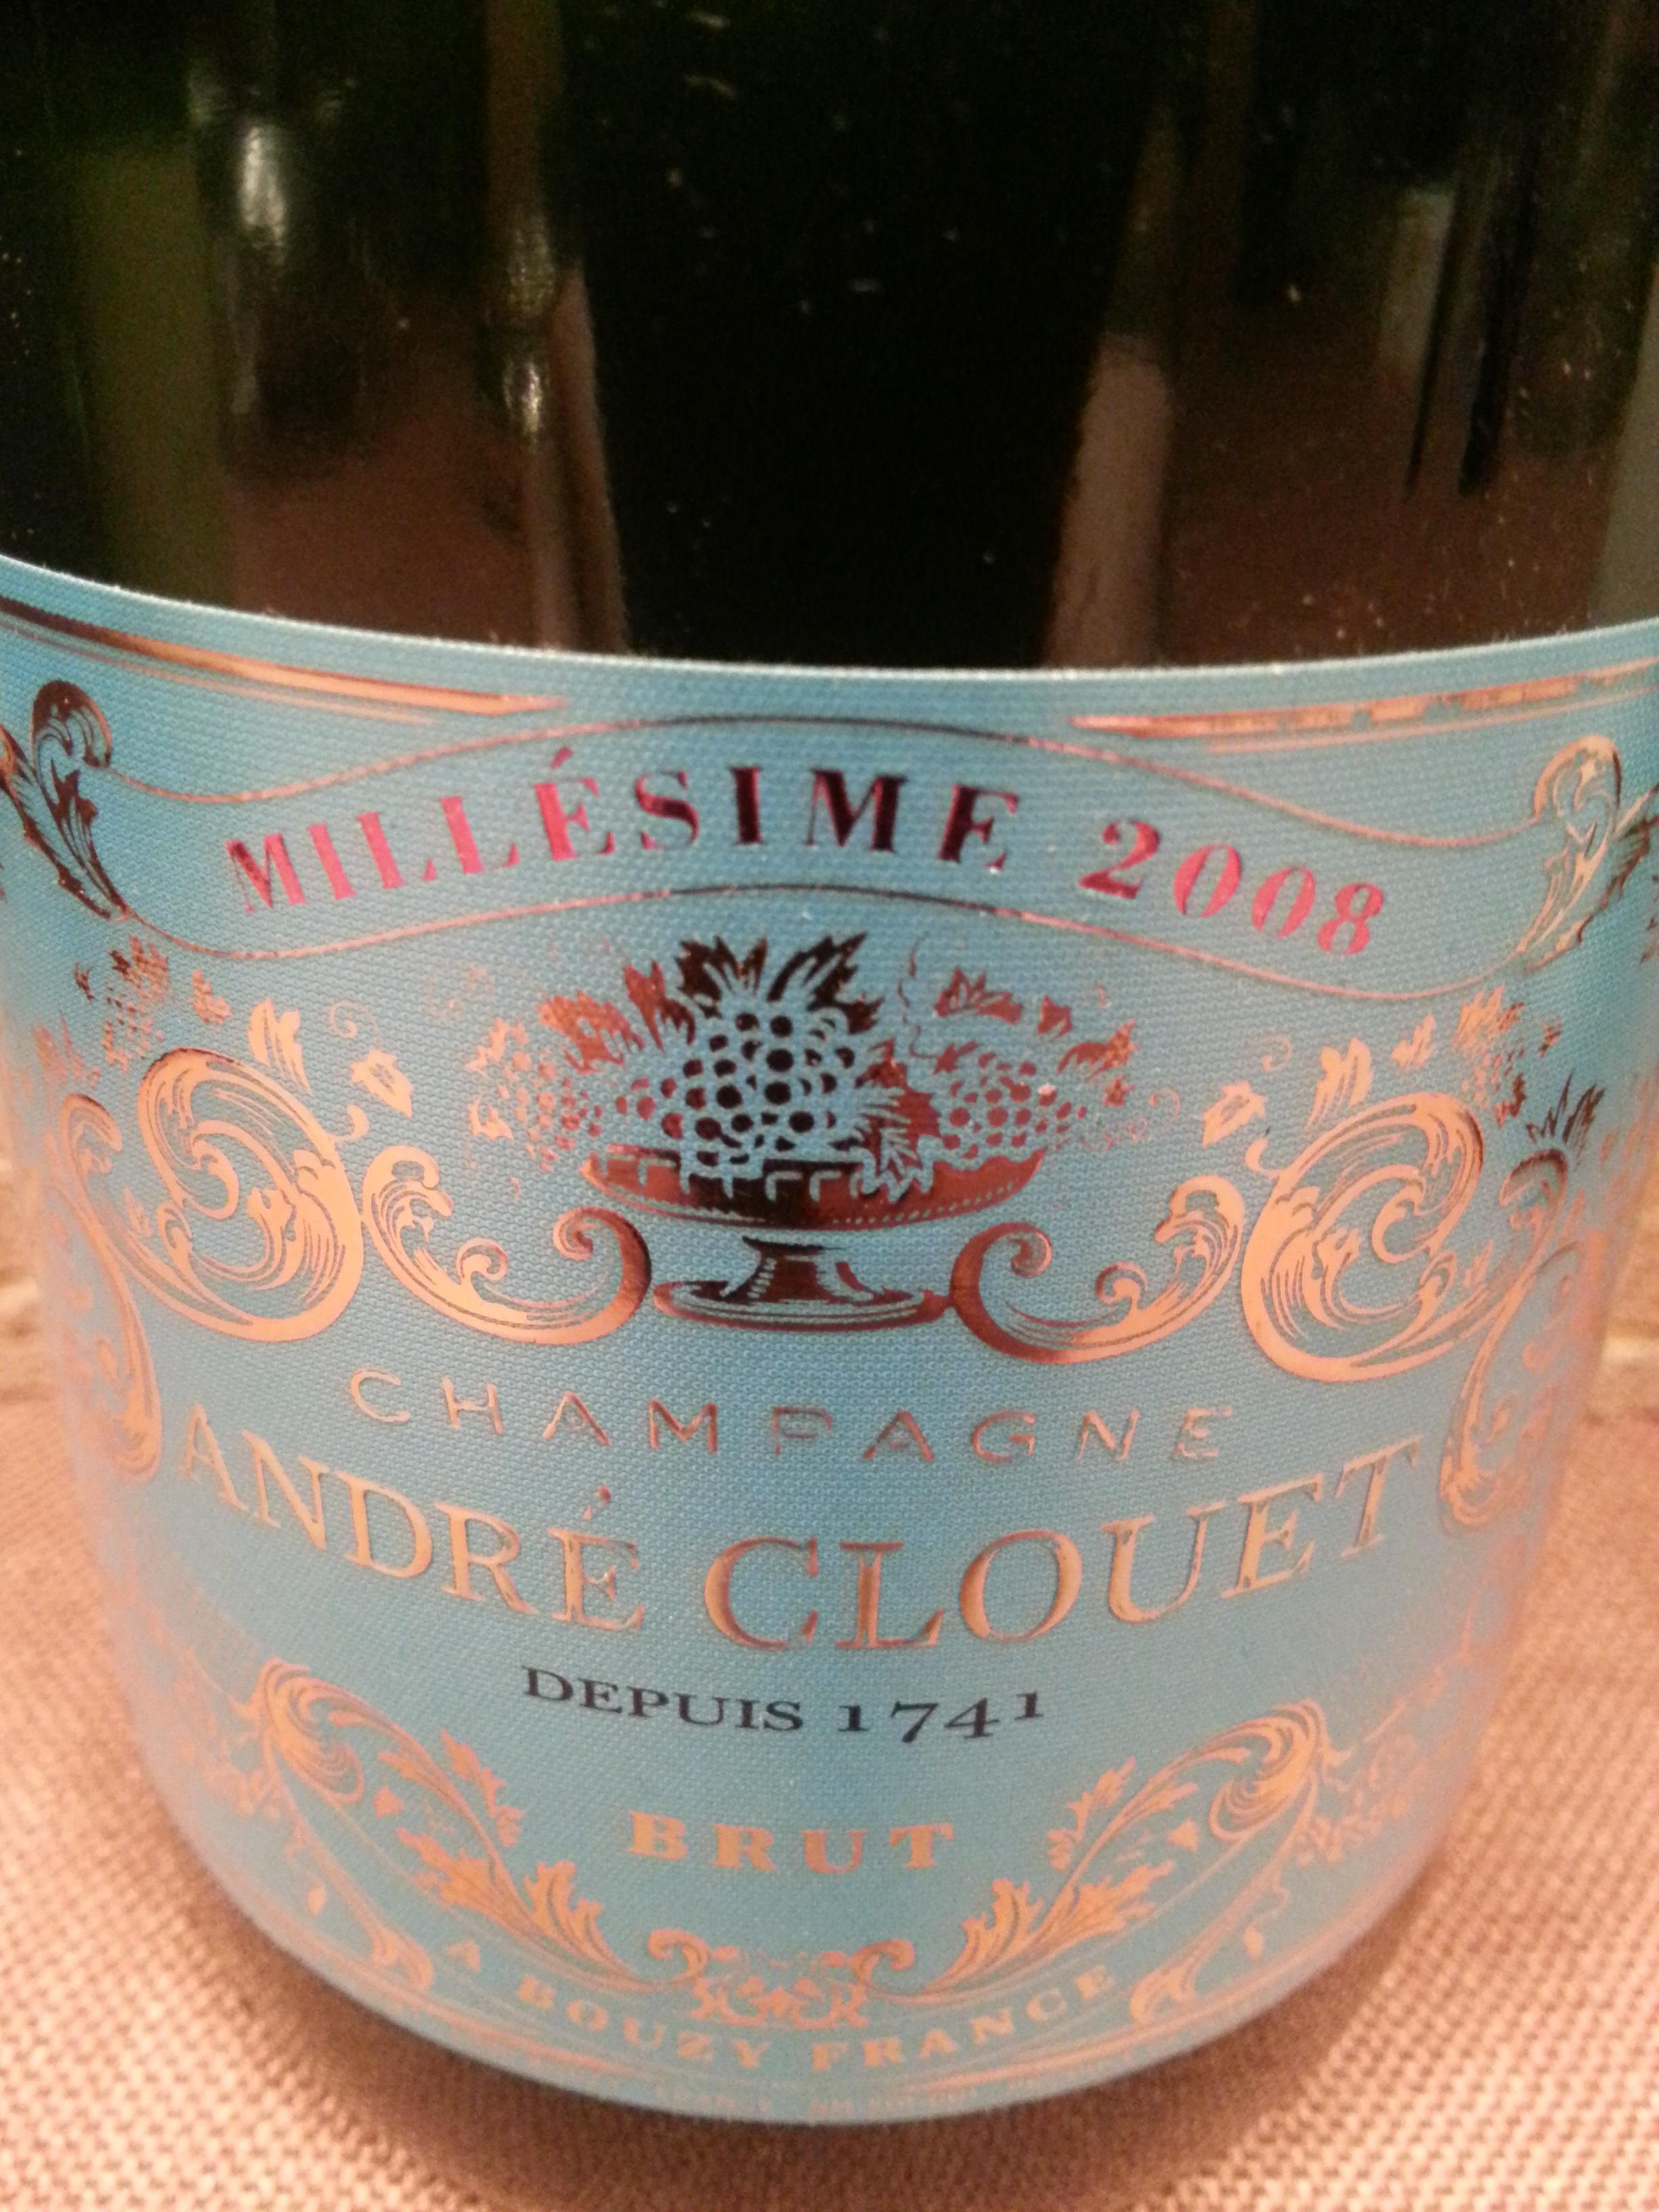 2008 Champagne Millésime | Clouet